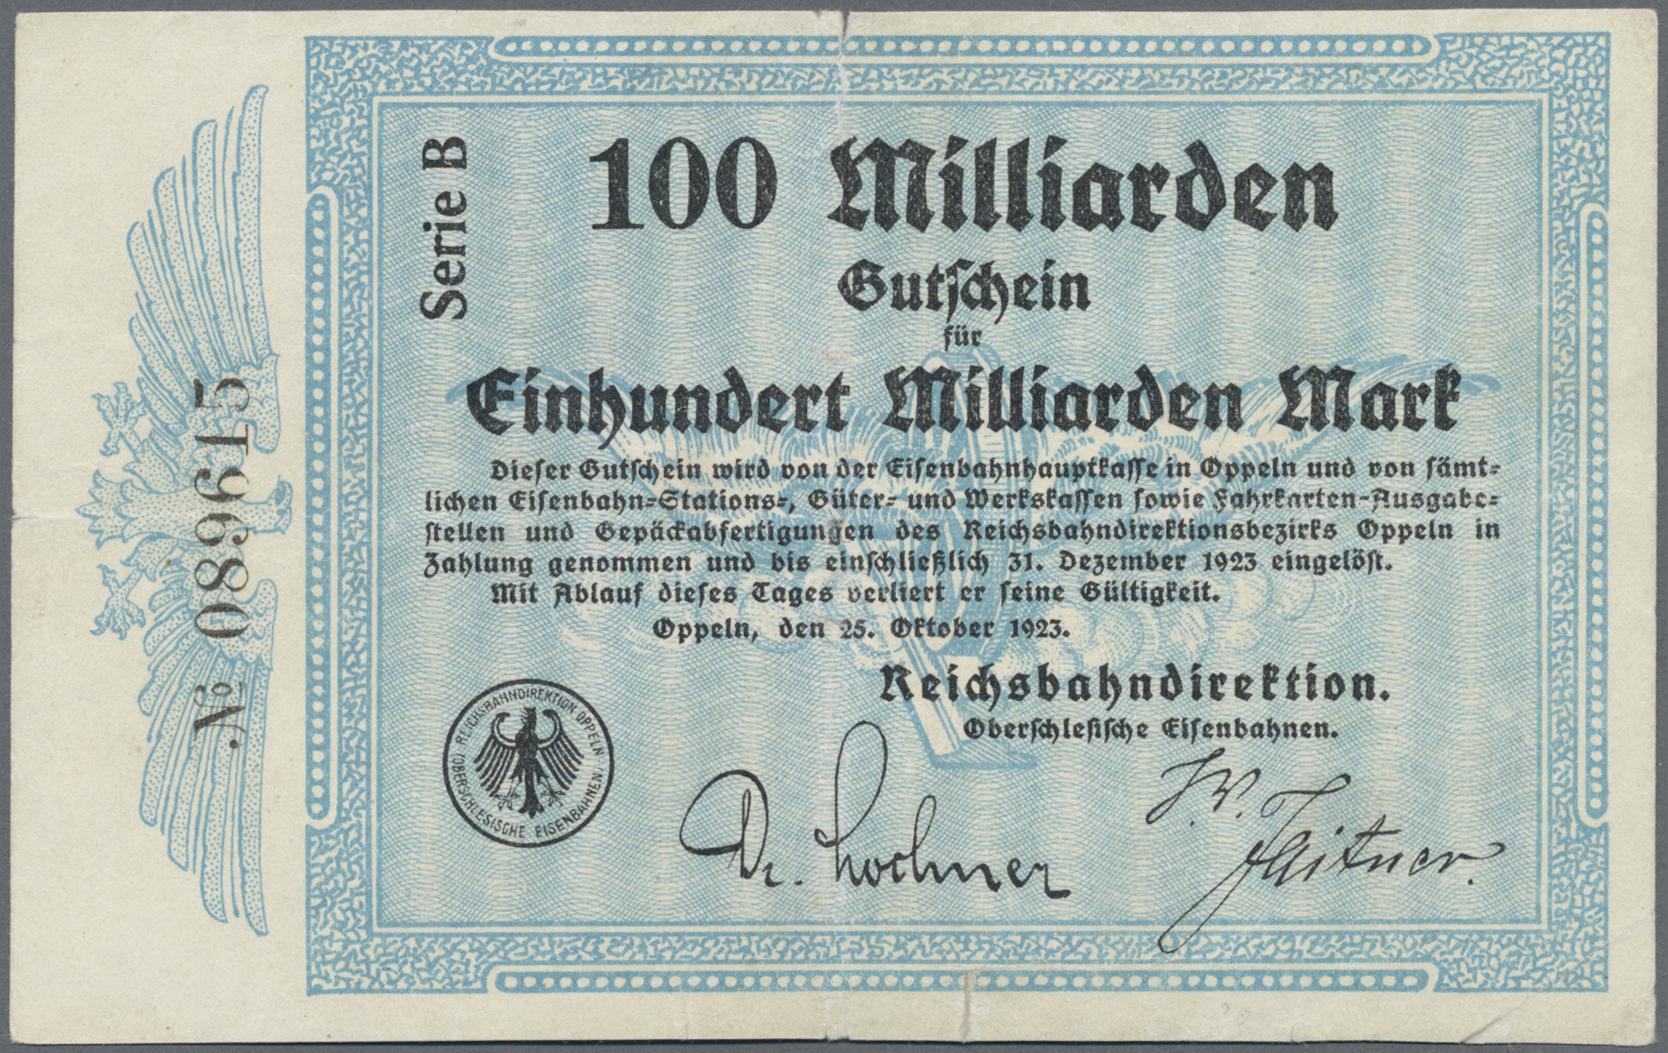 Lot 01421 - Deutschland - Reichsbahn / Reichspost | Banknoten  -  Auktionshaus Christoph Gärtner GmbH & Co. KG Sale #48 The Banknotes